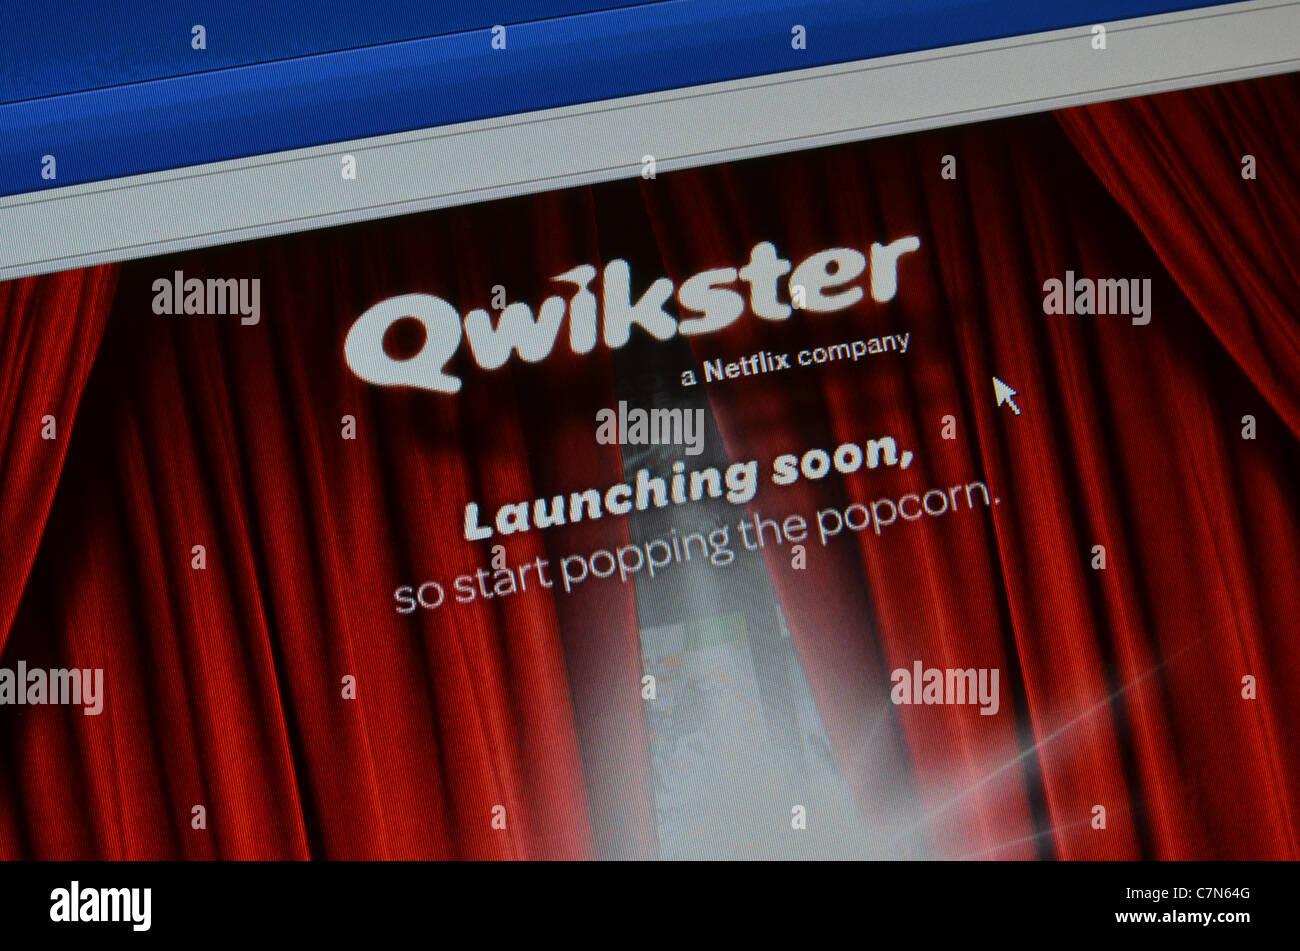 Nueva página de inicio de Qwikster Netflix Imagen De Stock